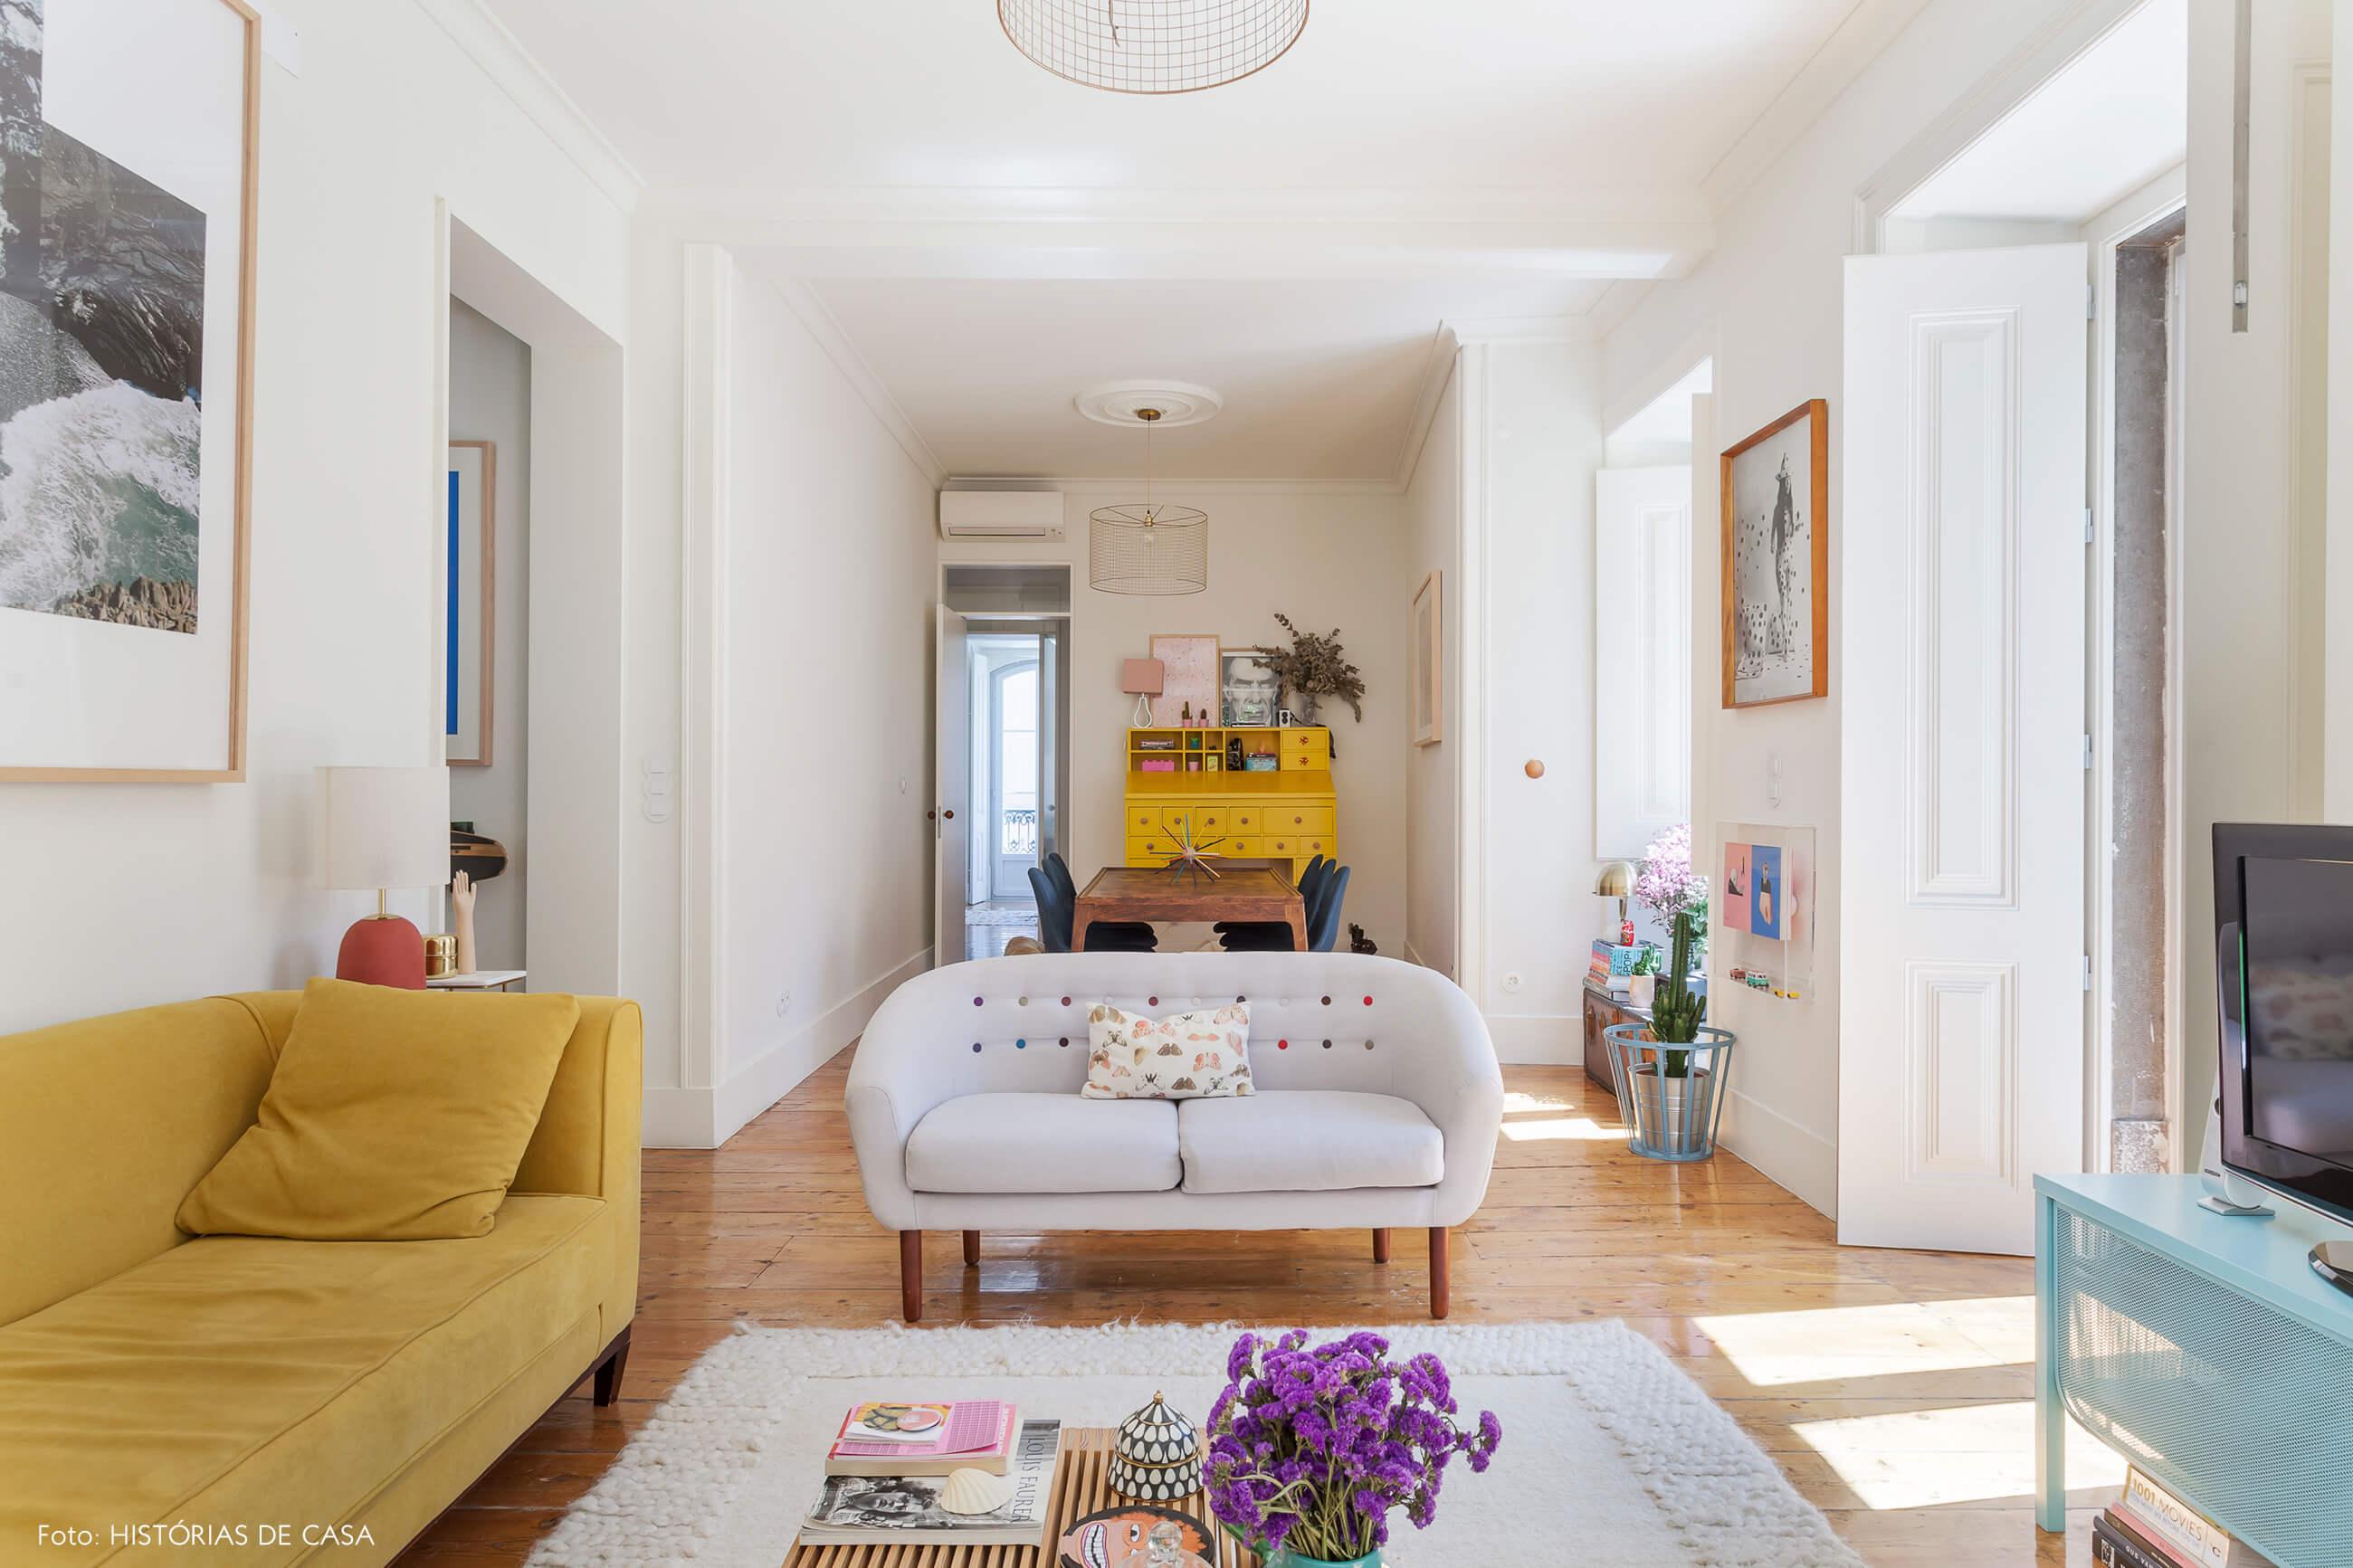 Sala integrada com decoração colorida